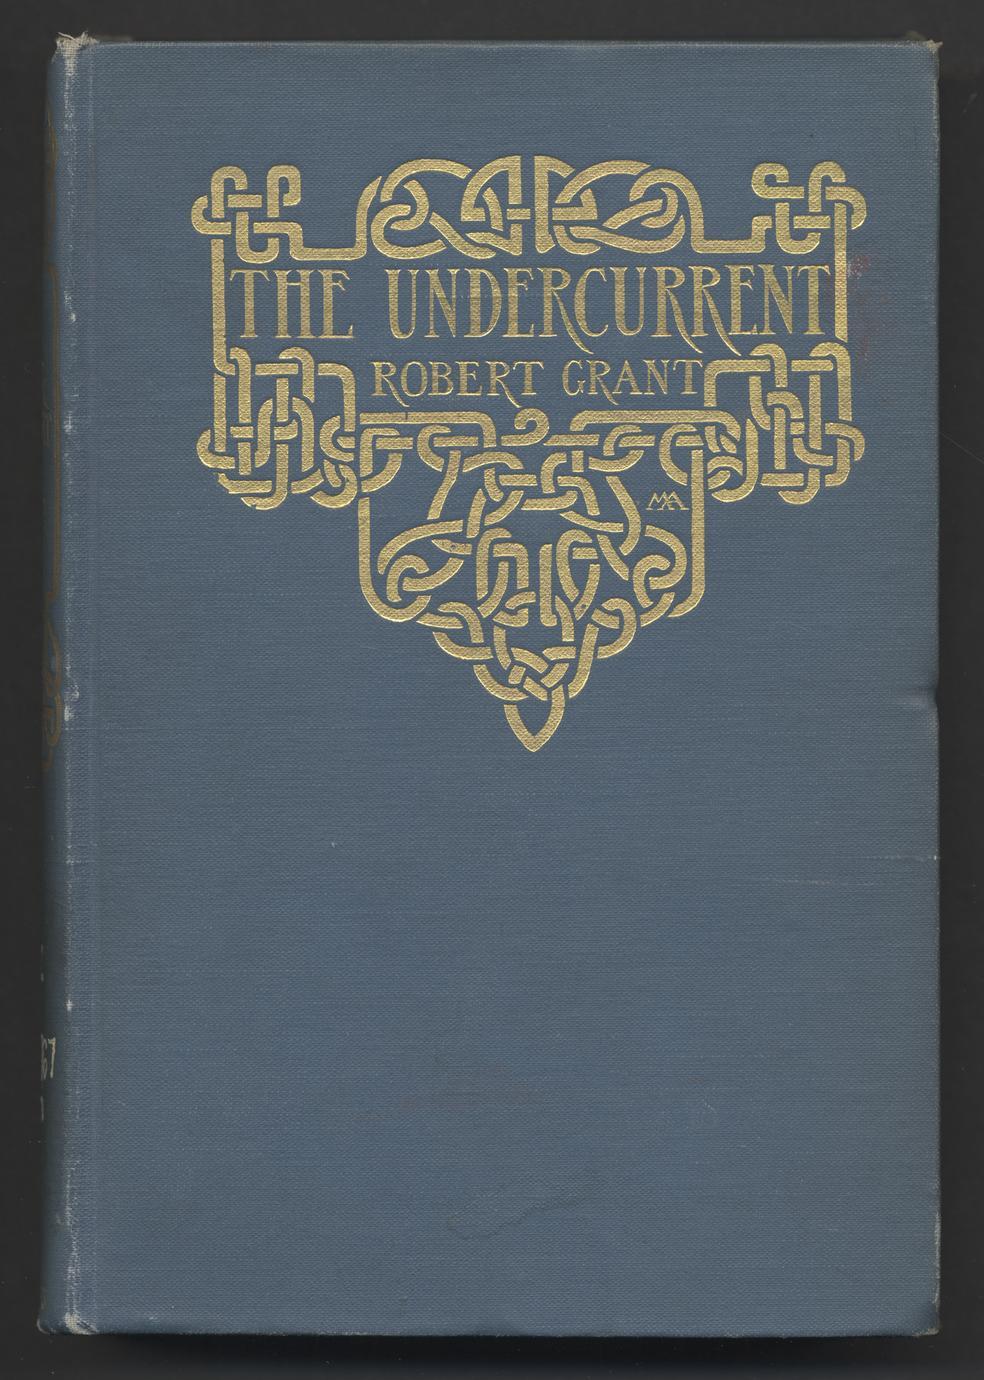 The undercurrent (1 of 3)